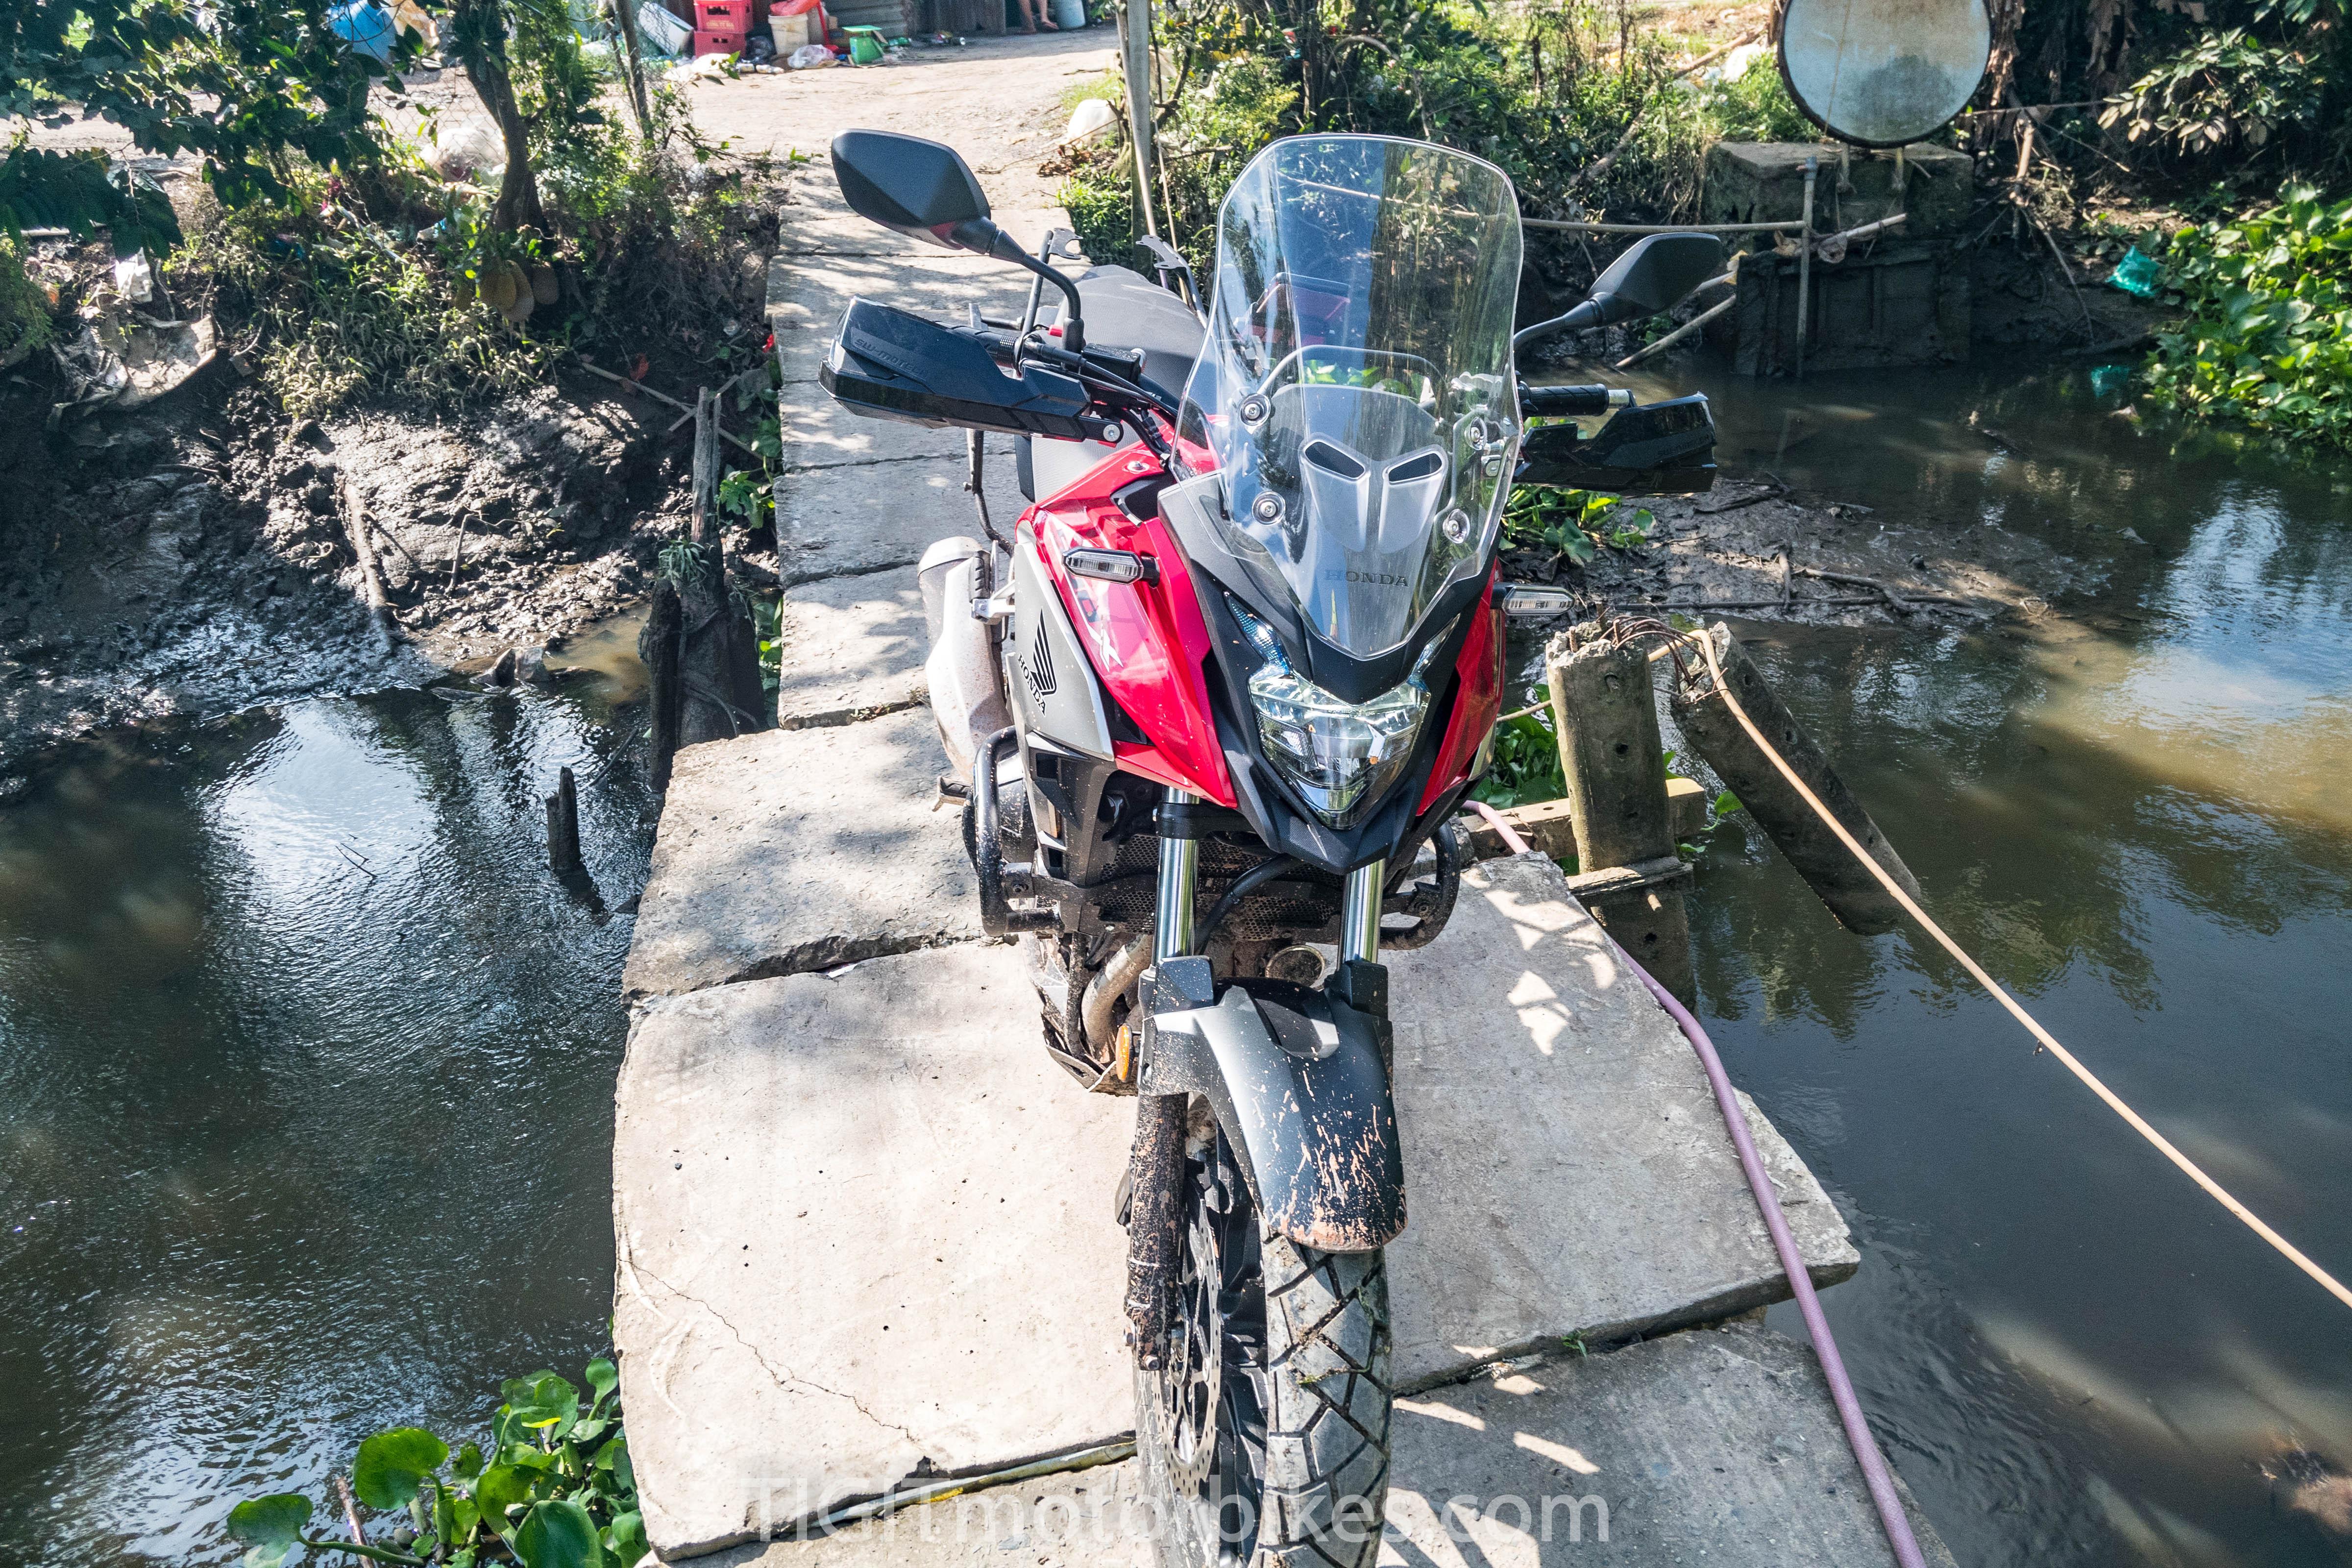 Fun Little bridge to cross